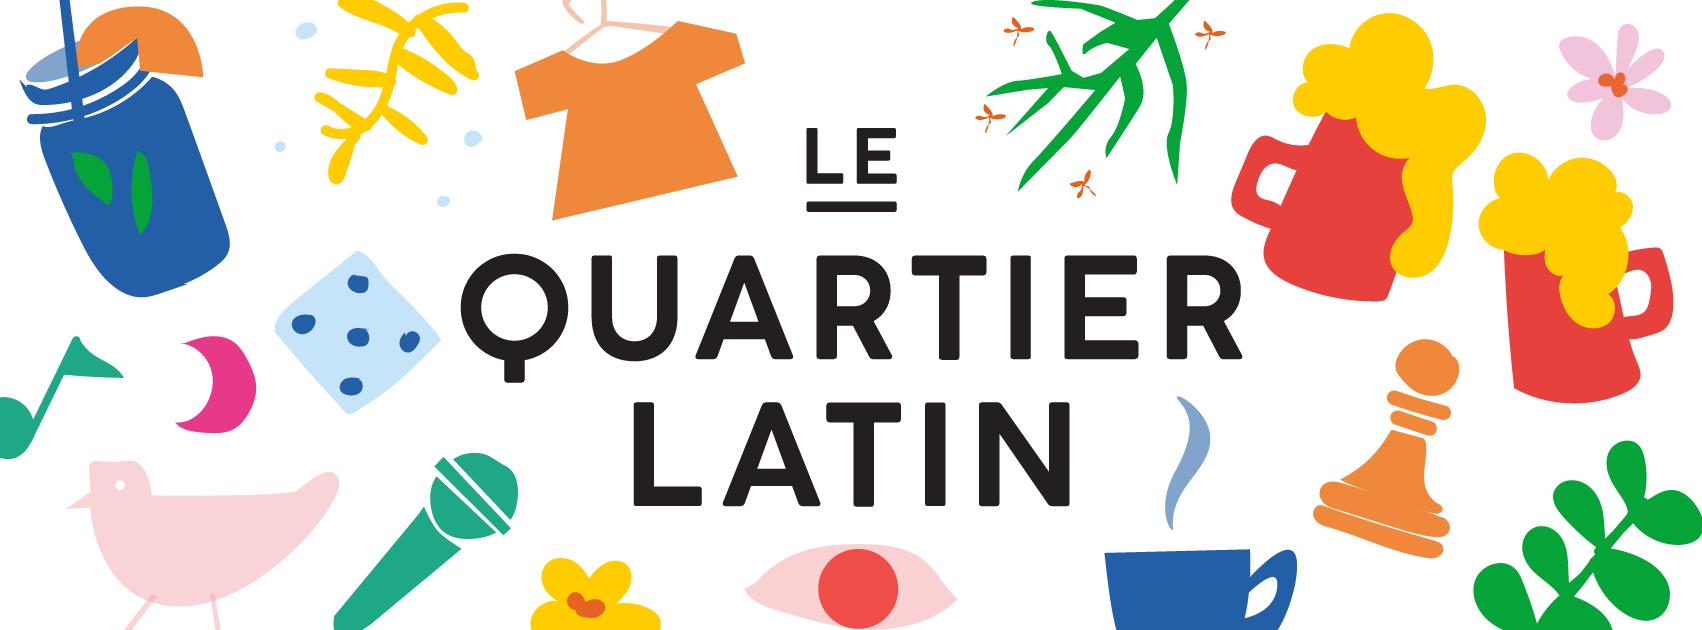 Le Quartier latin lance sa nouvelle identité